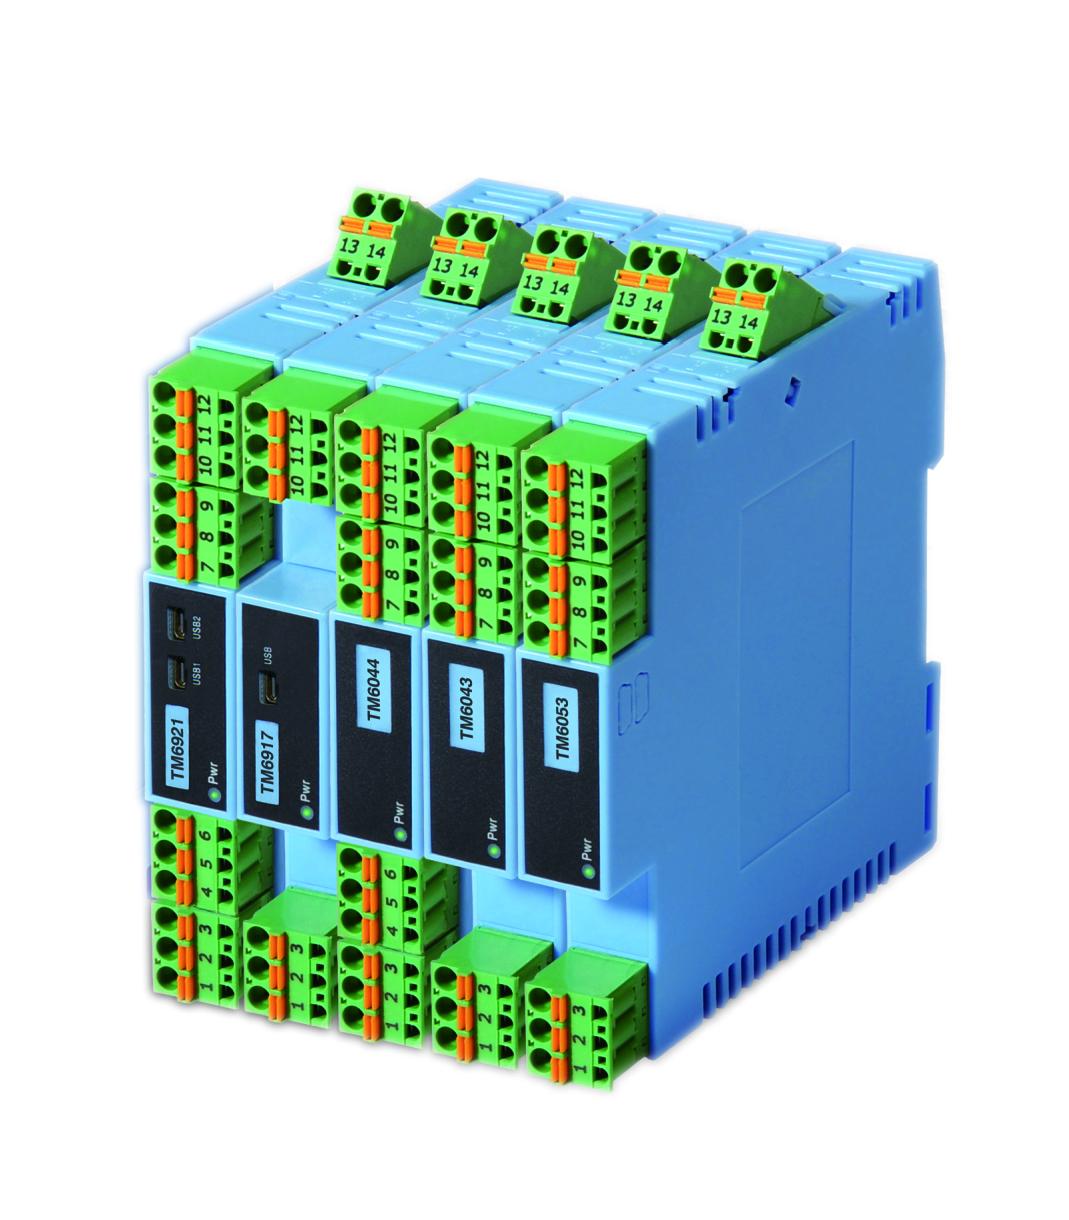 回路供電 · 二線制或三線制熱電阻信號輸入隔離器